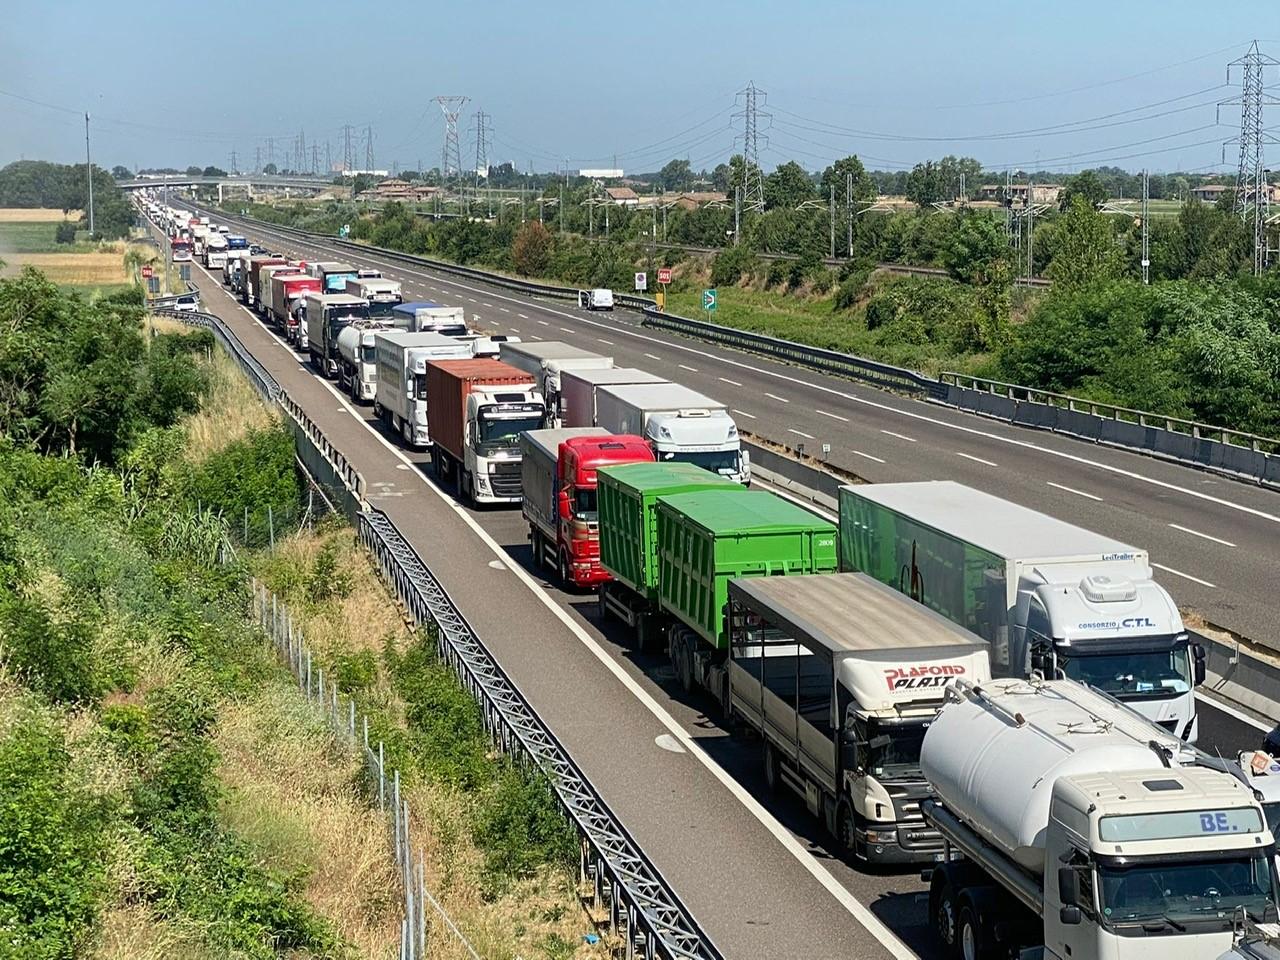 Autocisterna in fiamme sulla A1, morti due camionisti nel Piacentino. Autostrada bloccata